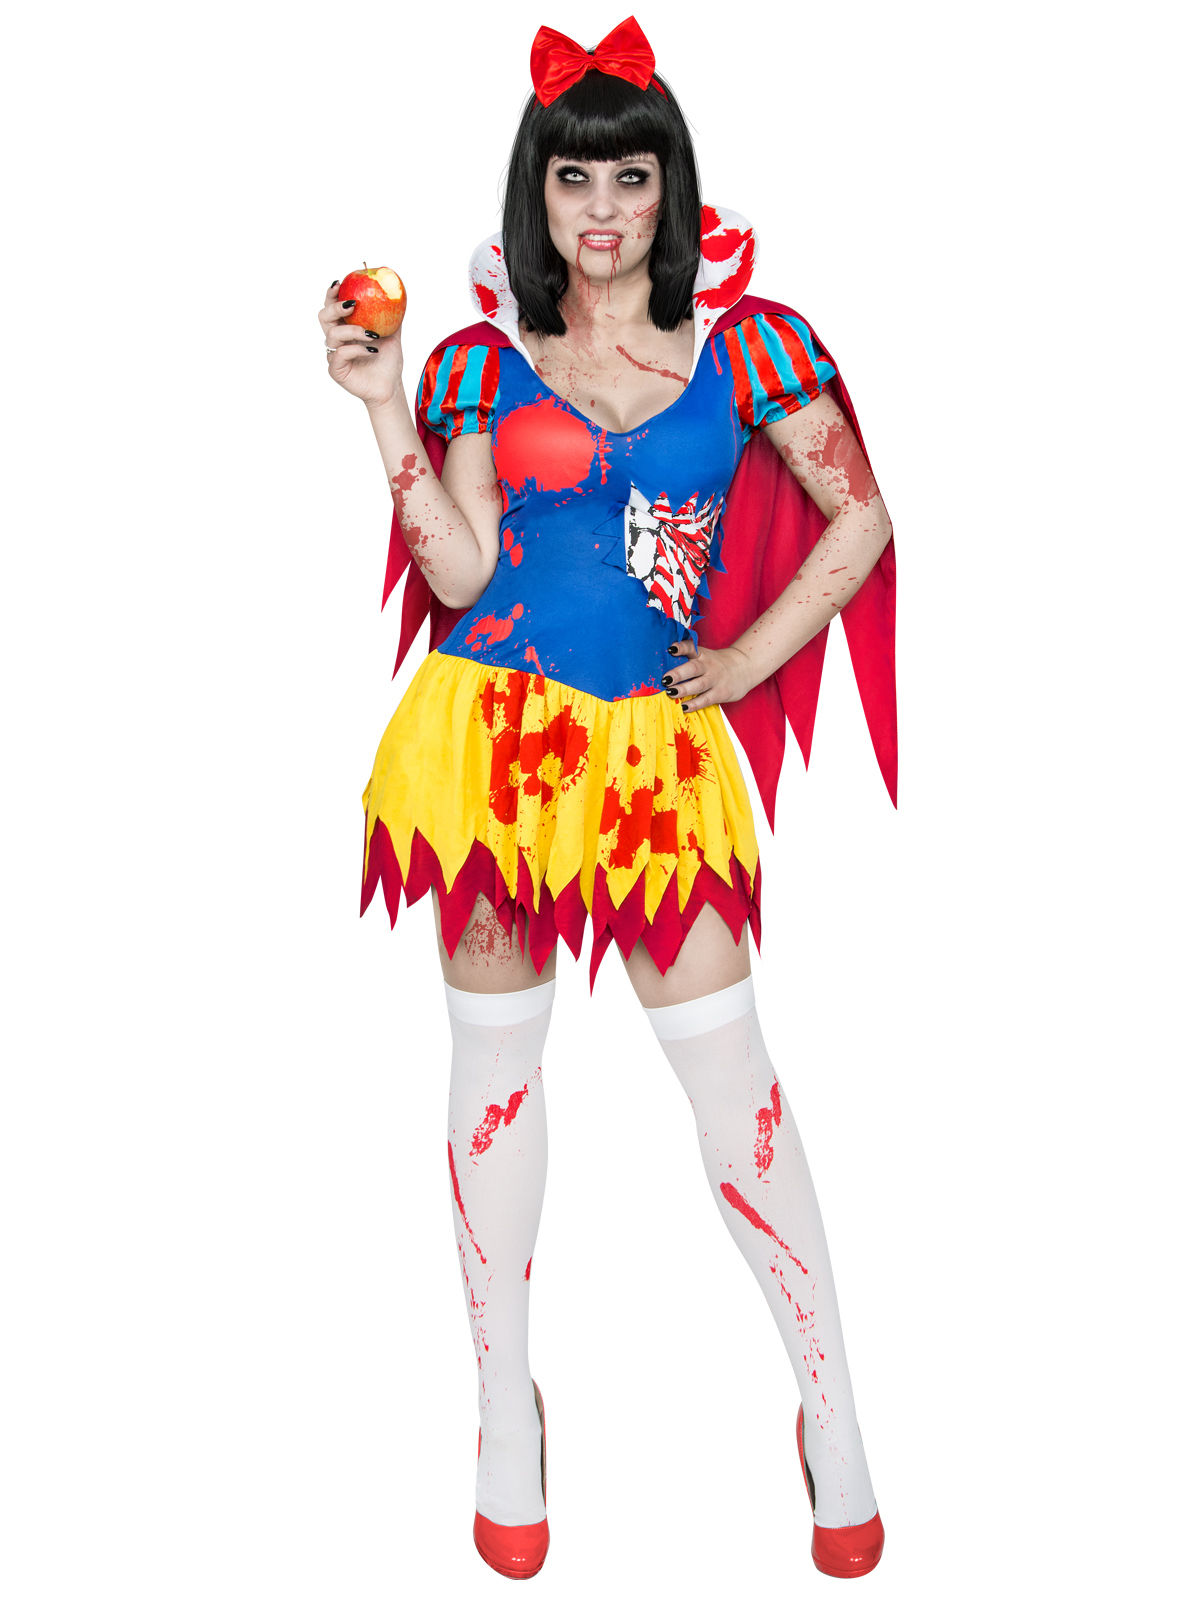 Disfraz de blancanieves zombie para mujer amarillo azul y rojo halloween disfraces adultos y - Blanche neige halloween ...